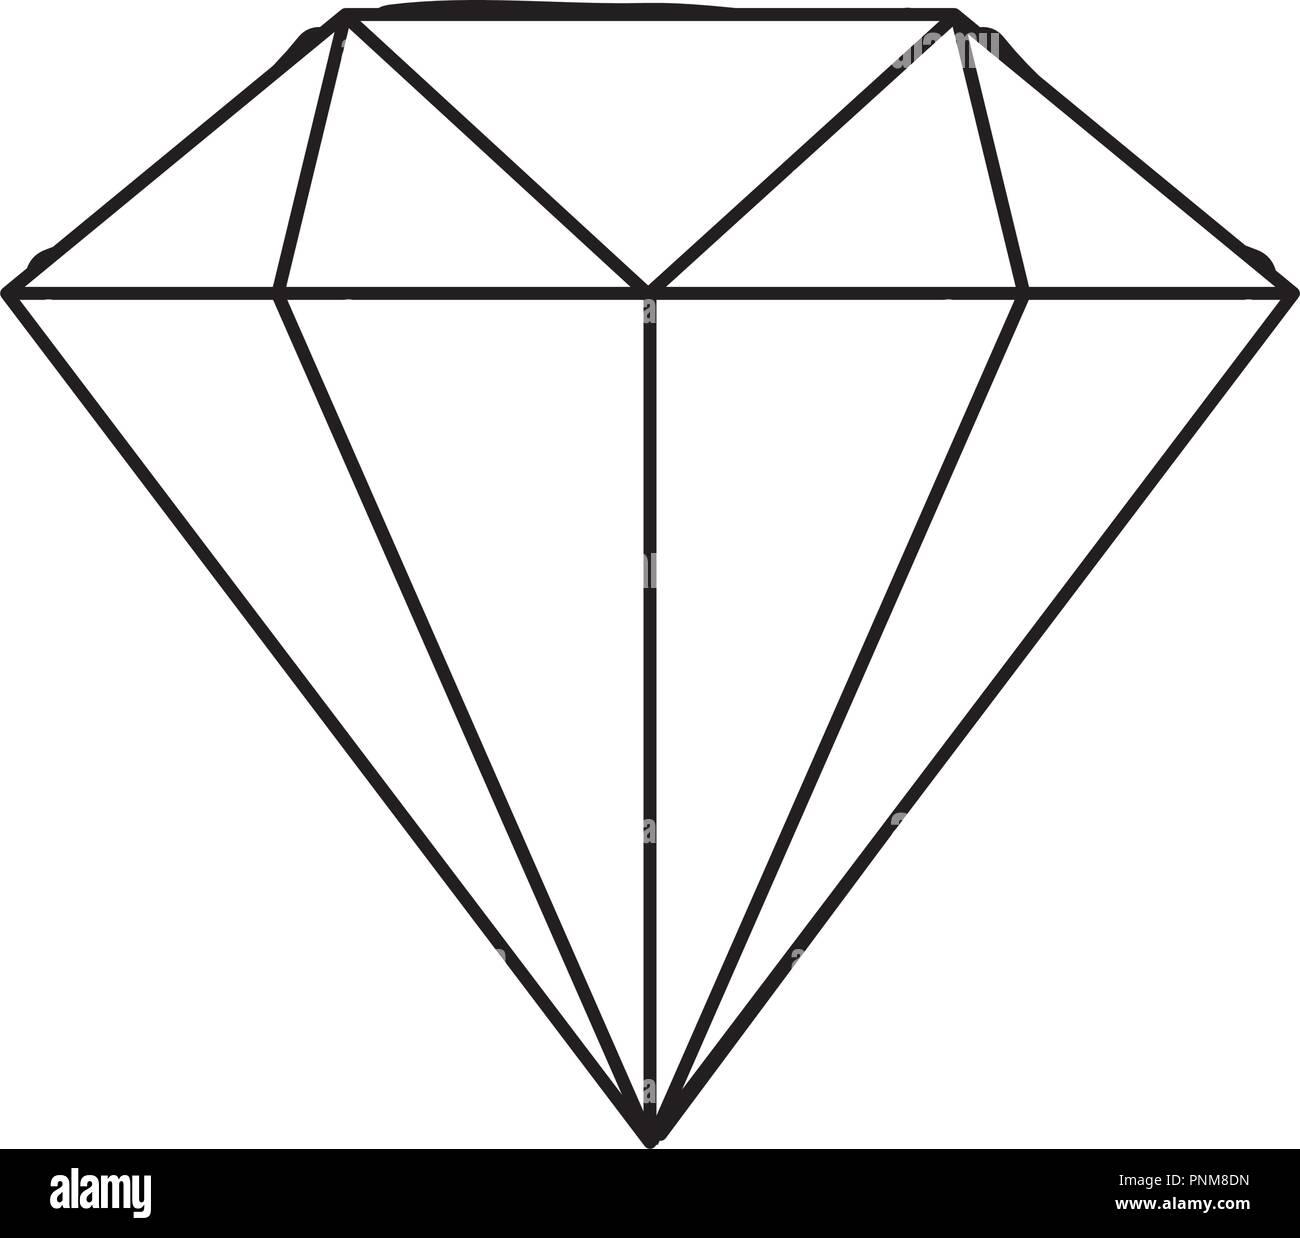 ceae9a674935 Diamante joyería de lujo caro icono ilustración vectorial línea delgada  Imagen De Stock